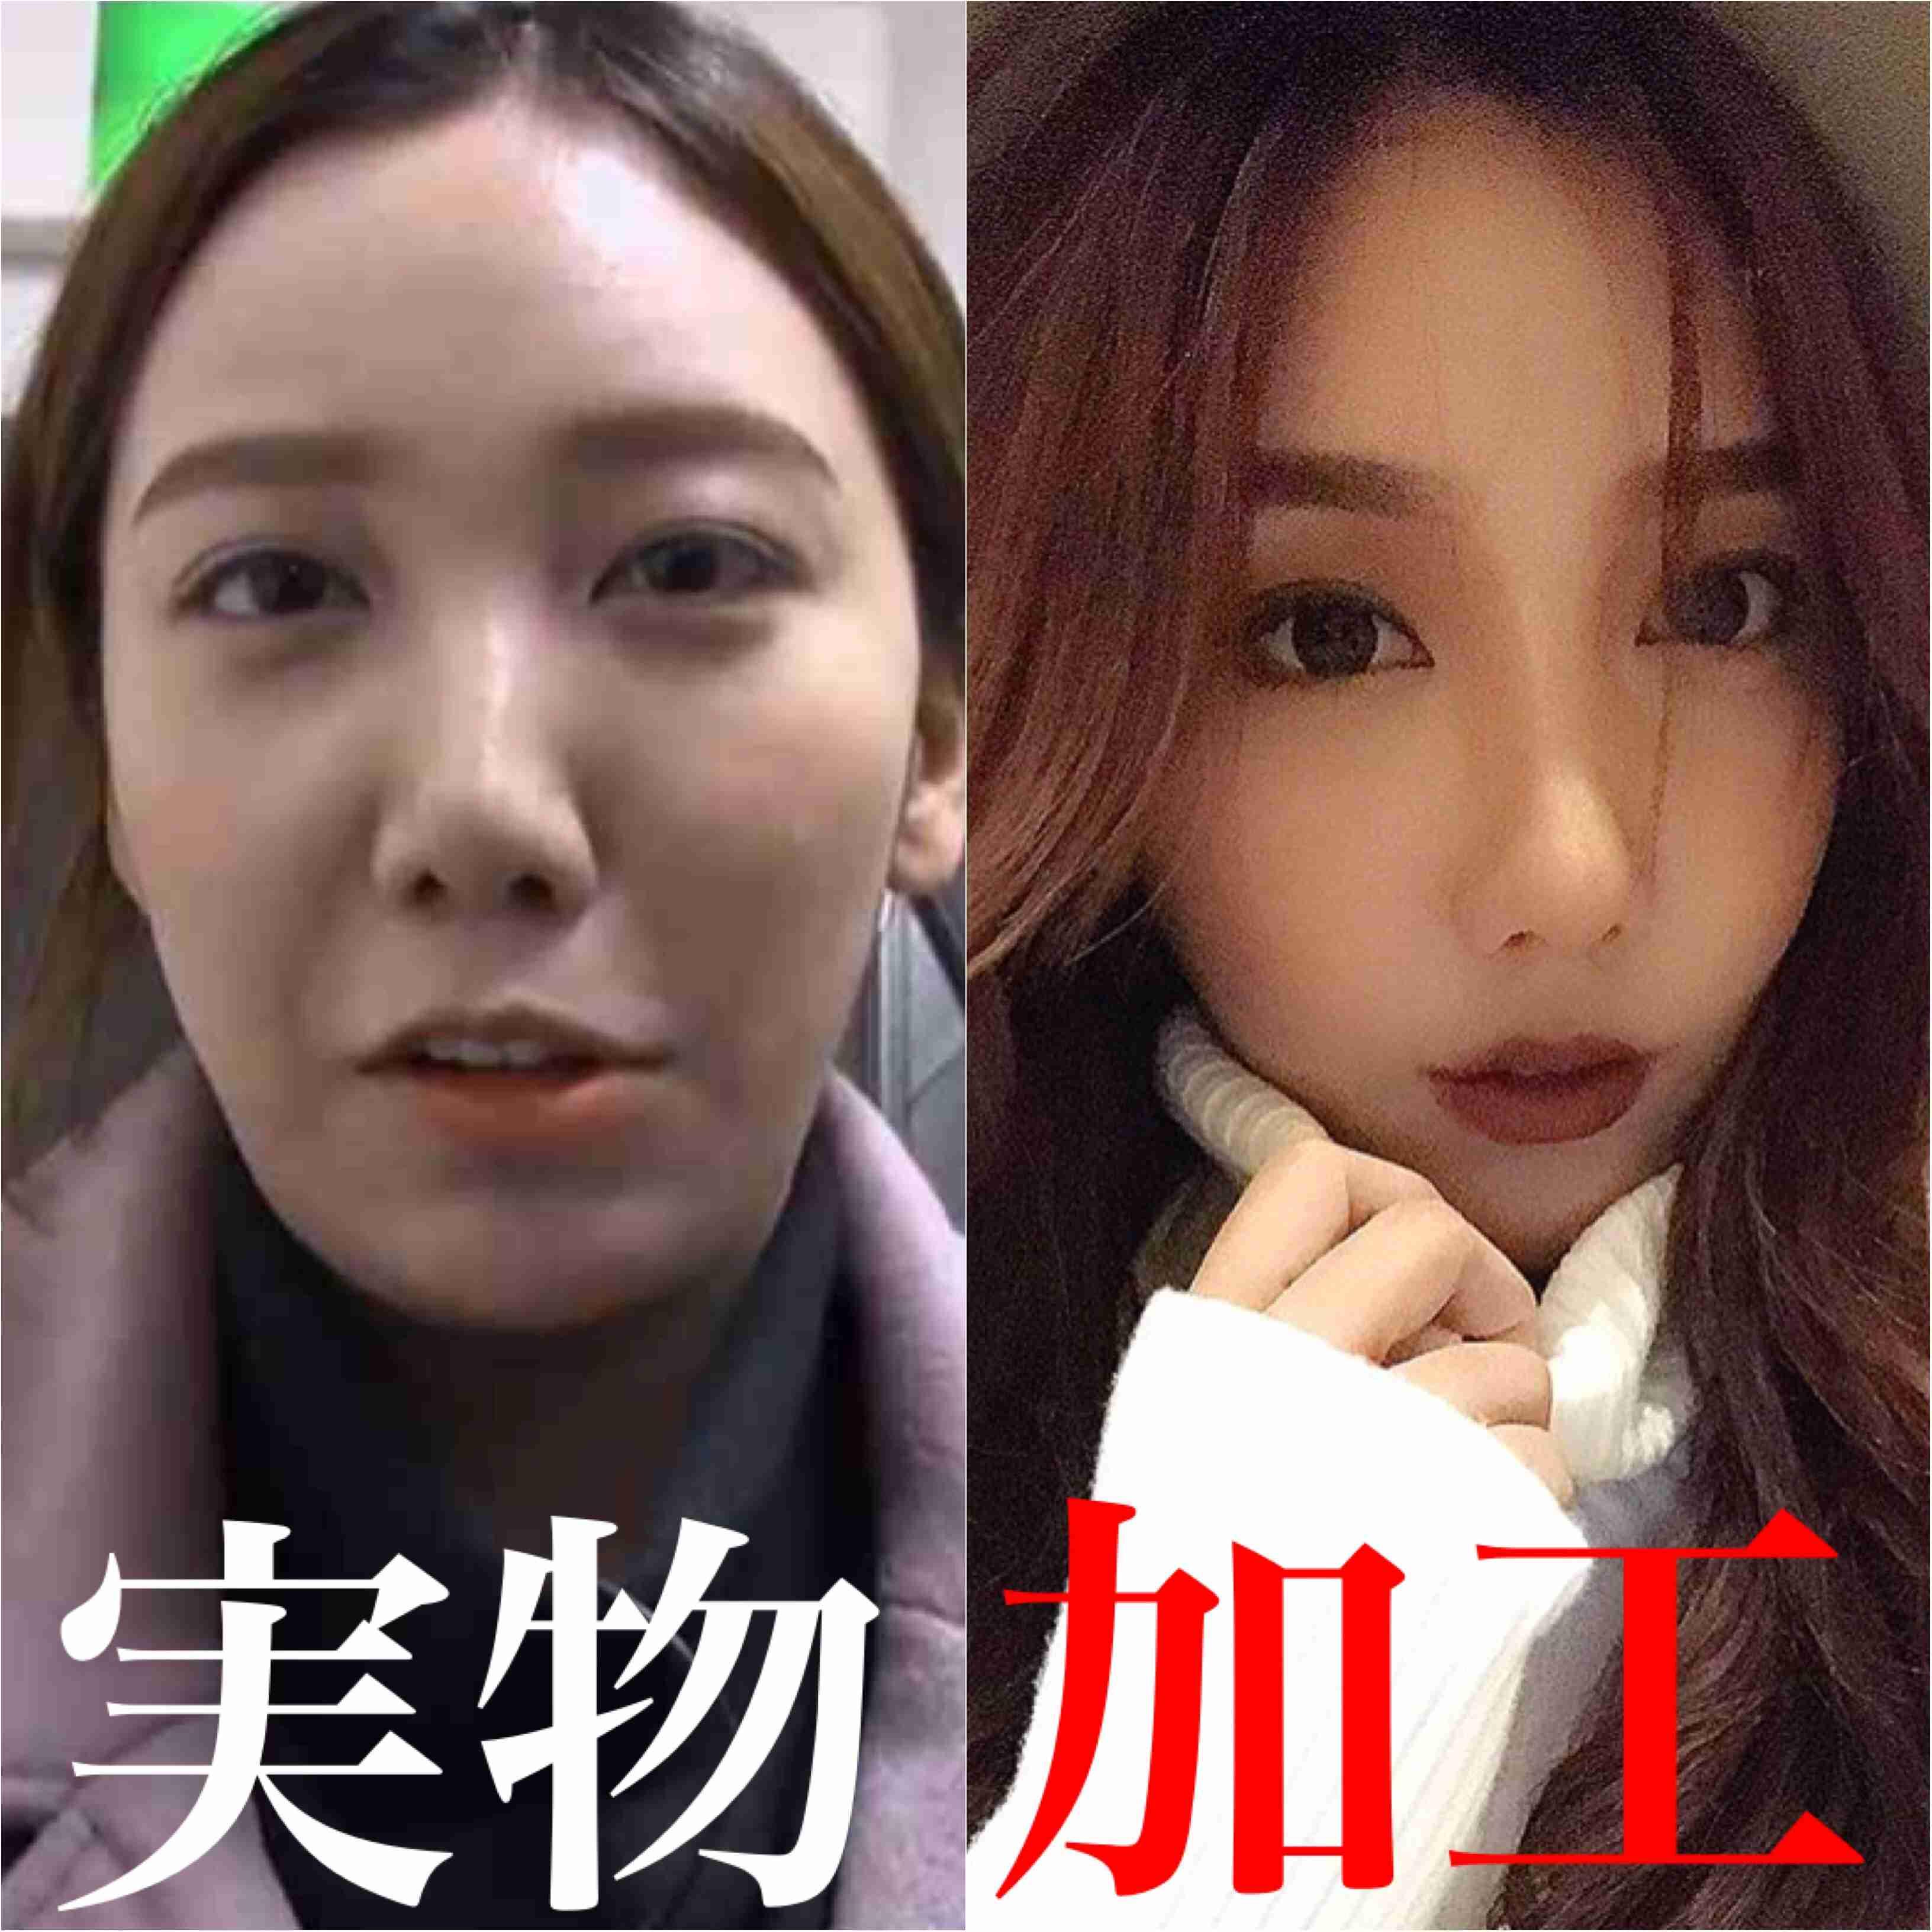 「自分的にもかなり似せれた」 ざわちん、2018年初のものまねメイク披露 lolのhibikiを大女優に変身させる